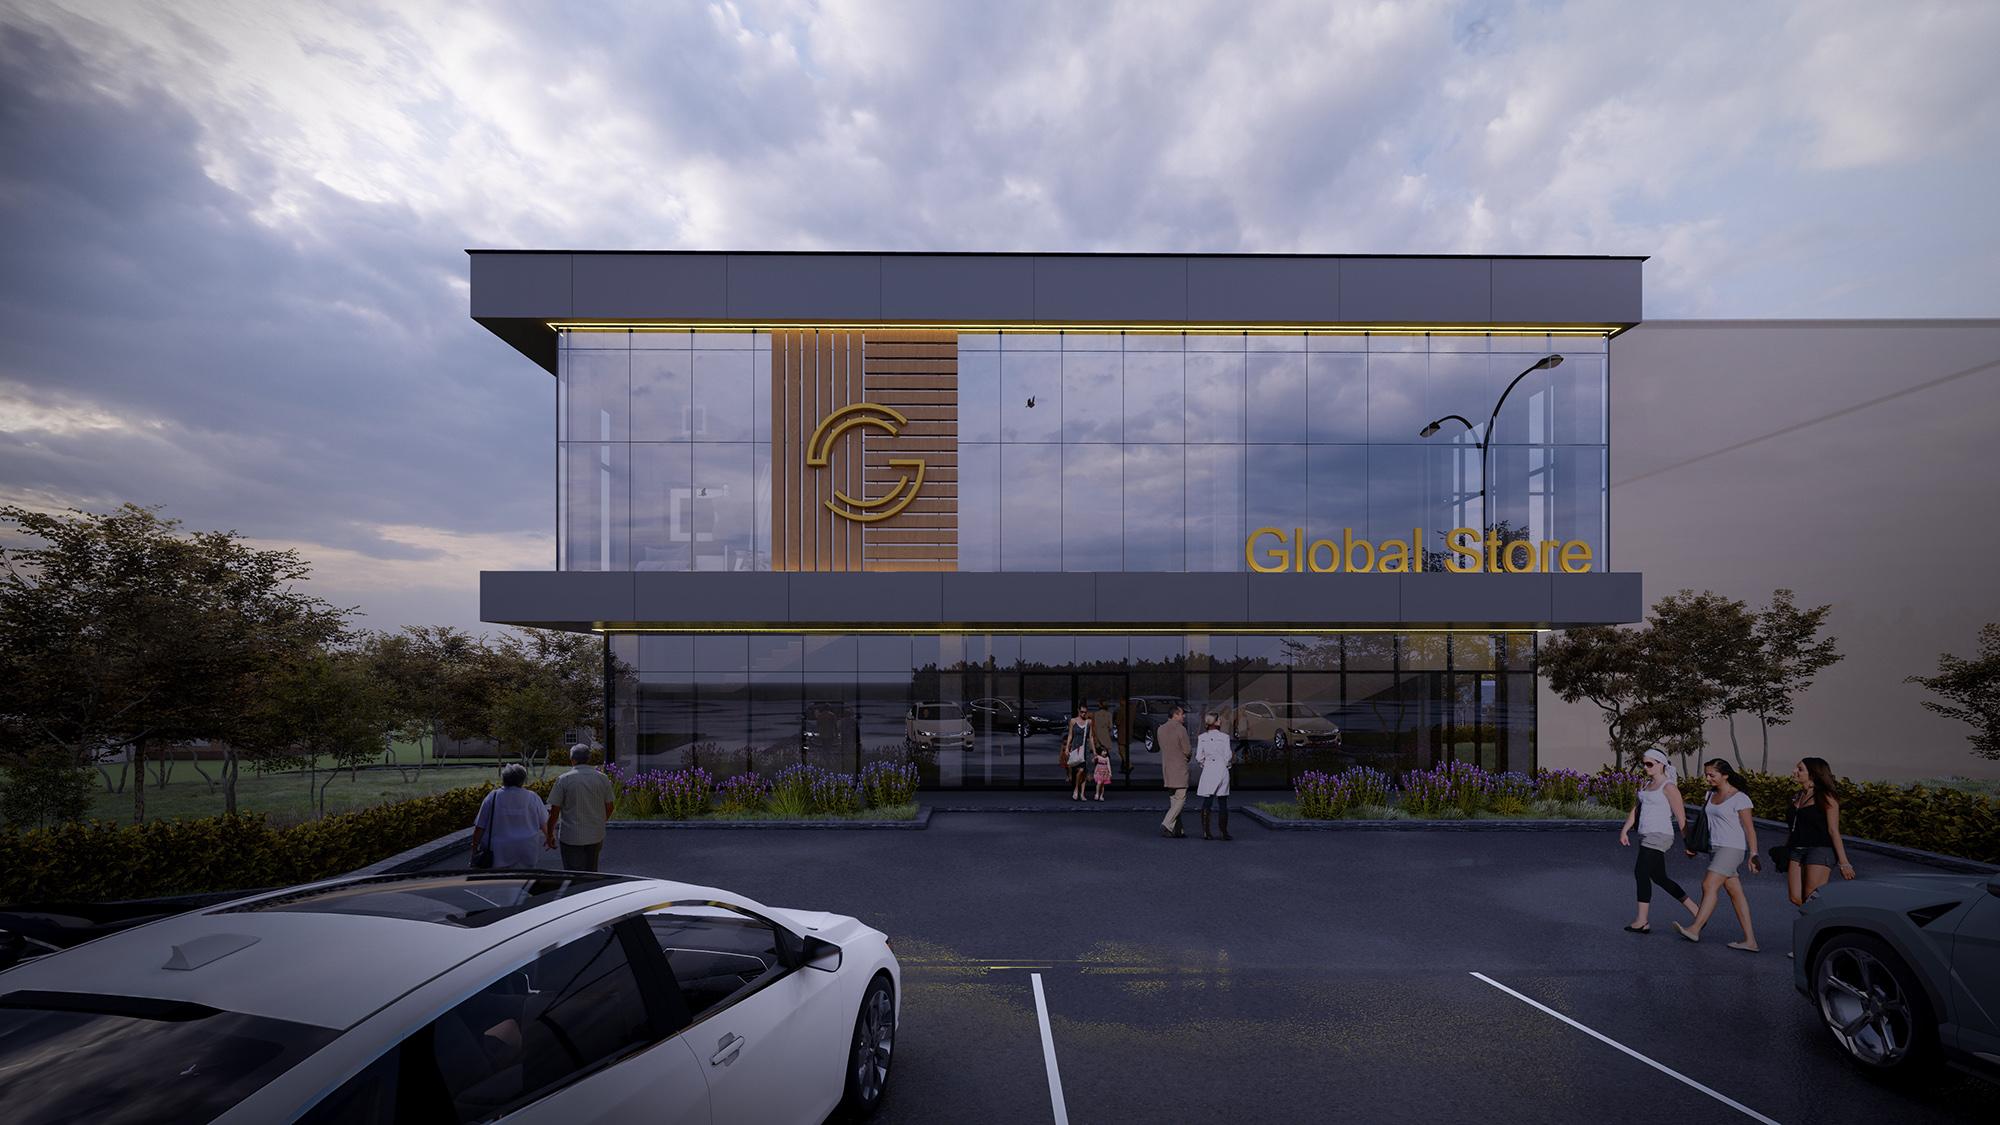 Global Store proiect de arhitectura spatii publice cu liniile arhitecturale stricte, Ab+Partners in Chisinau